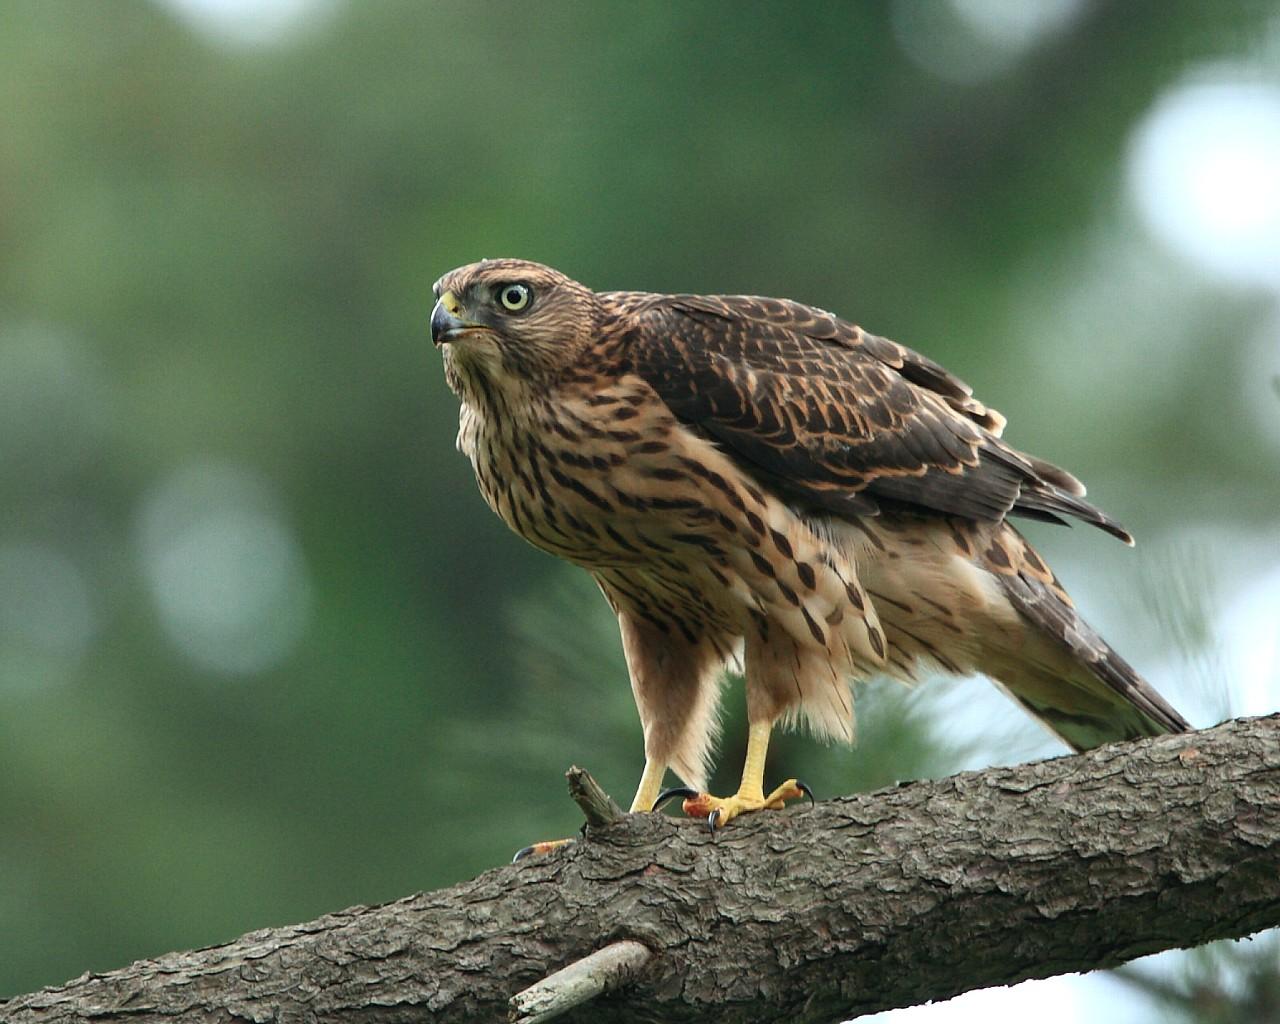 オオタカ幼鳥をアップで_f0105570_21551243.jpg